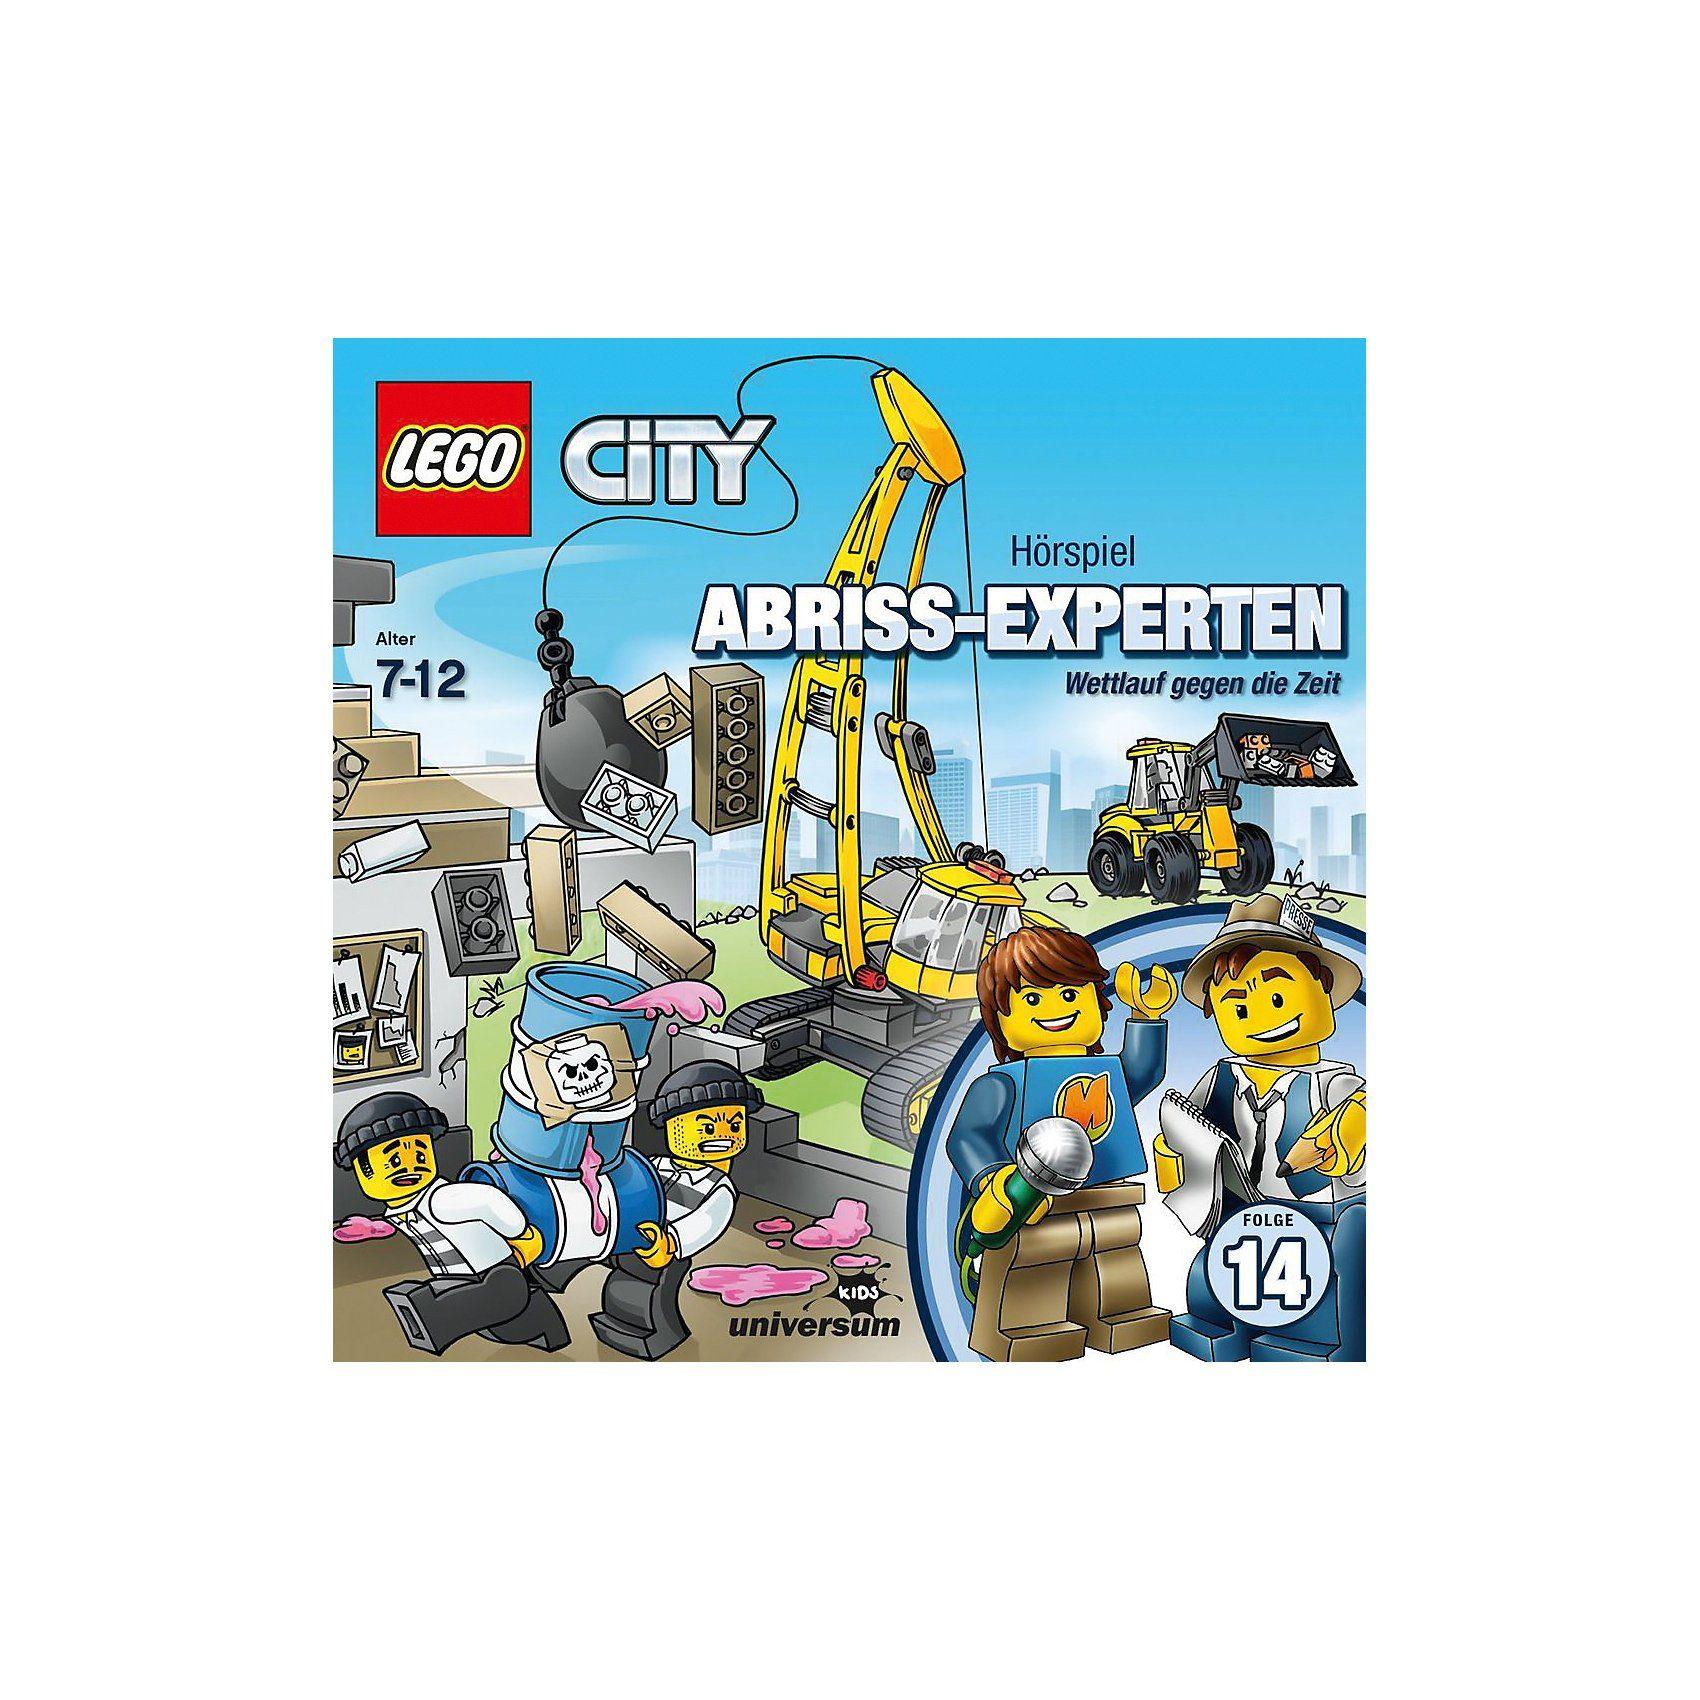 CD City 14 - Abriss-Experten: Wettlauf gegen die Zeit